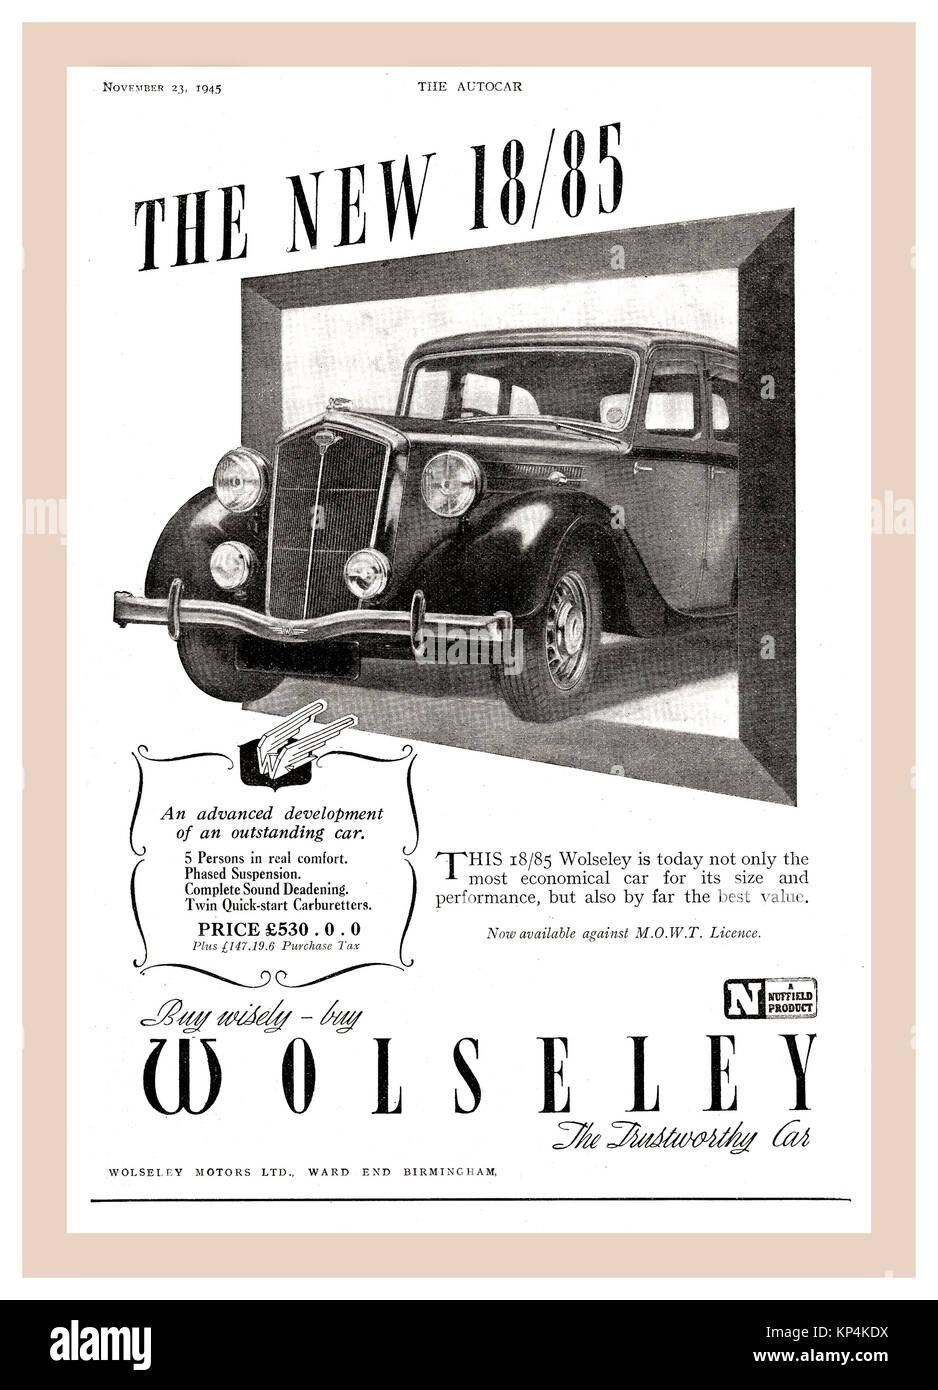 Vintage 30's /40's Autocar page de publicité pour Wolseley 18/85 (1938 à 1948) l'automobile Photo Stock